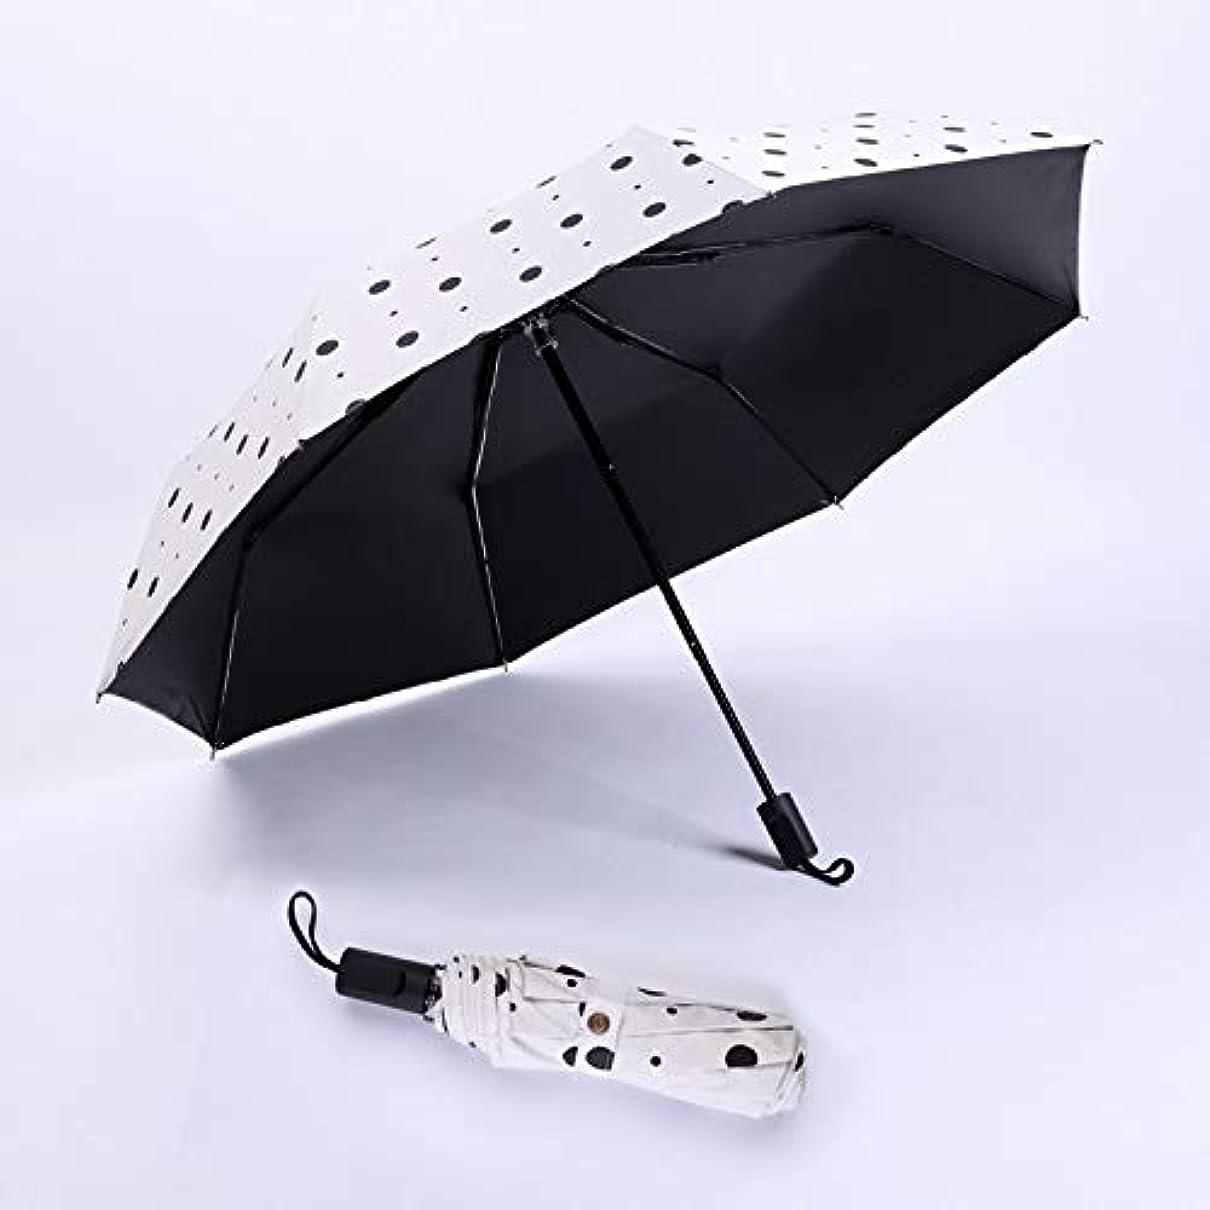 事実偉業魚HAPPY HOME ファッション白黒水玉波ポイント傘折りたたみ女性デュアルユース30%日傘パラソル新鮮な学生